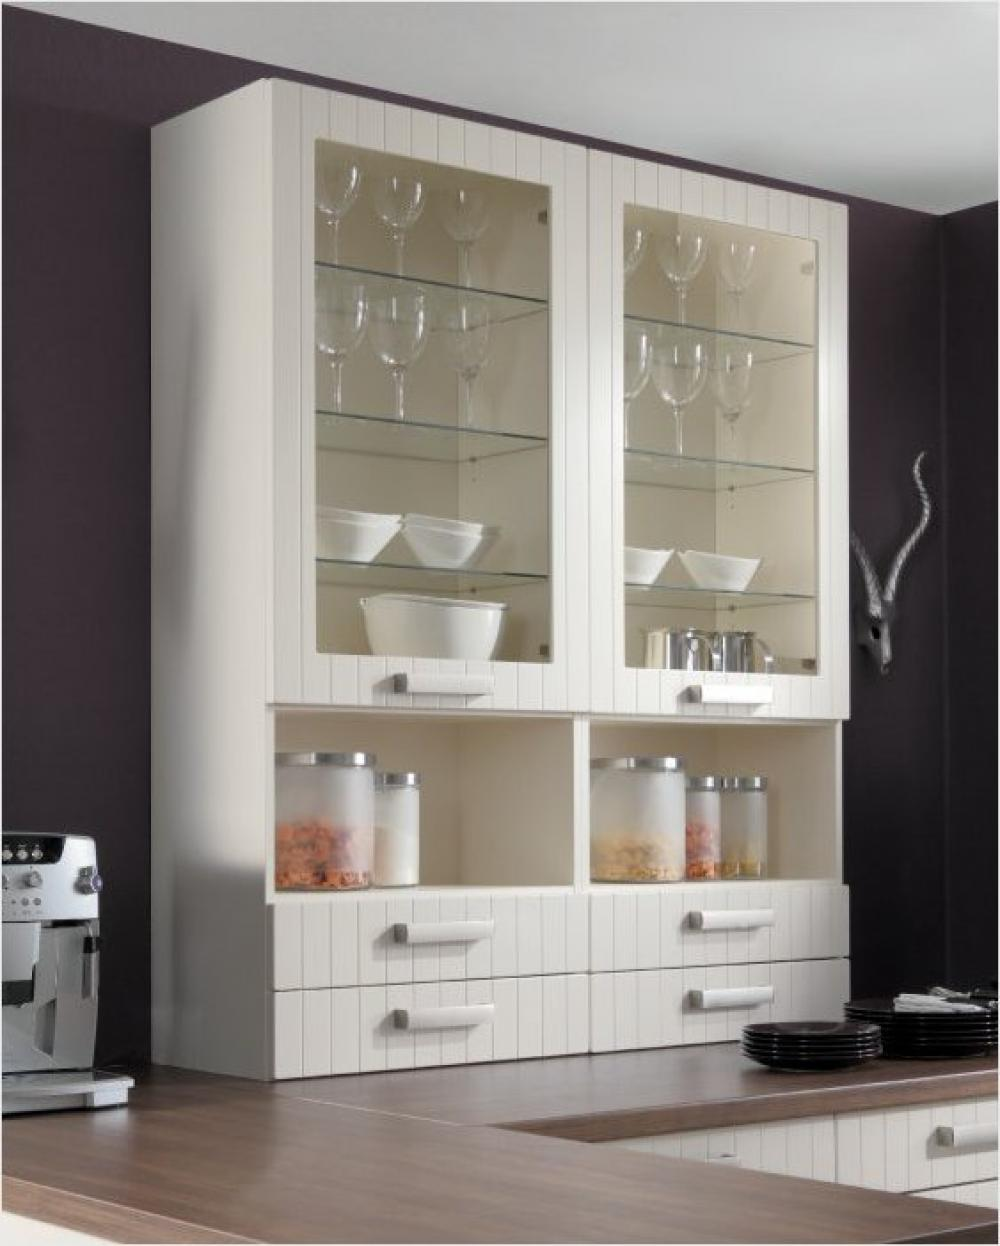 Küche in u form angebote  Küche in U-Form von Wellmann - erhältlich in Oederan